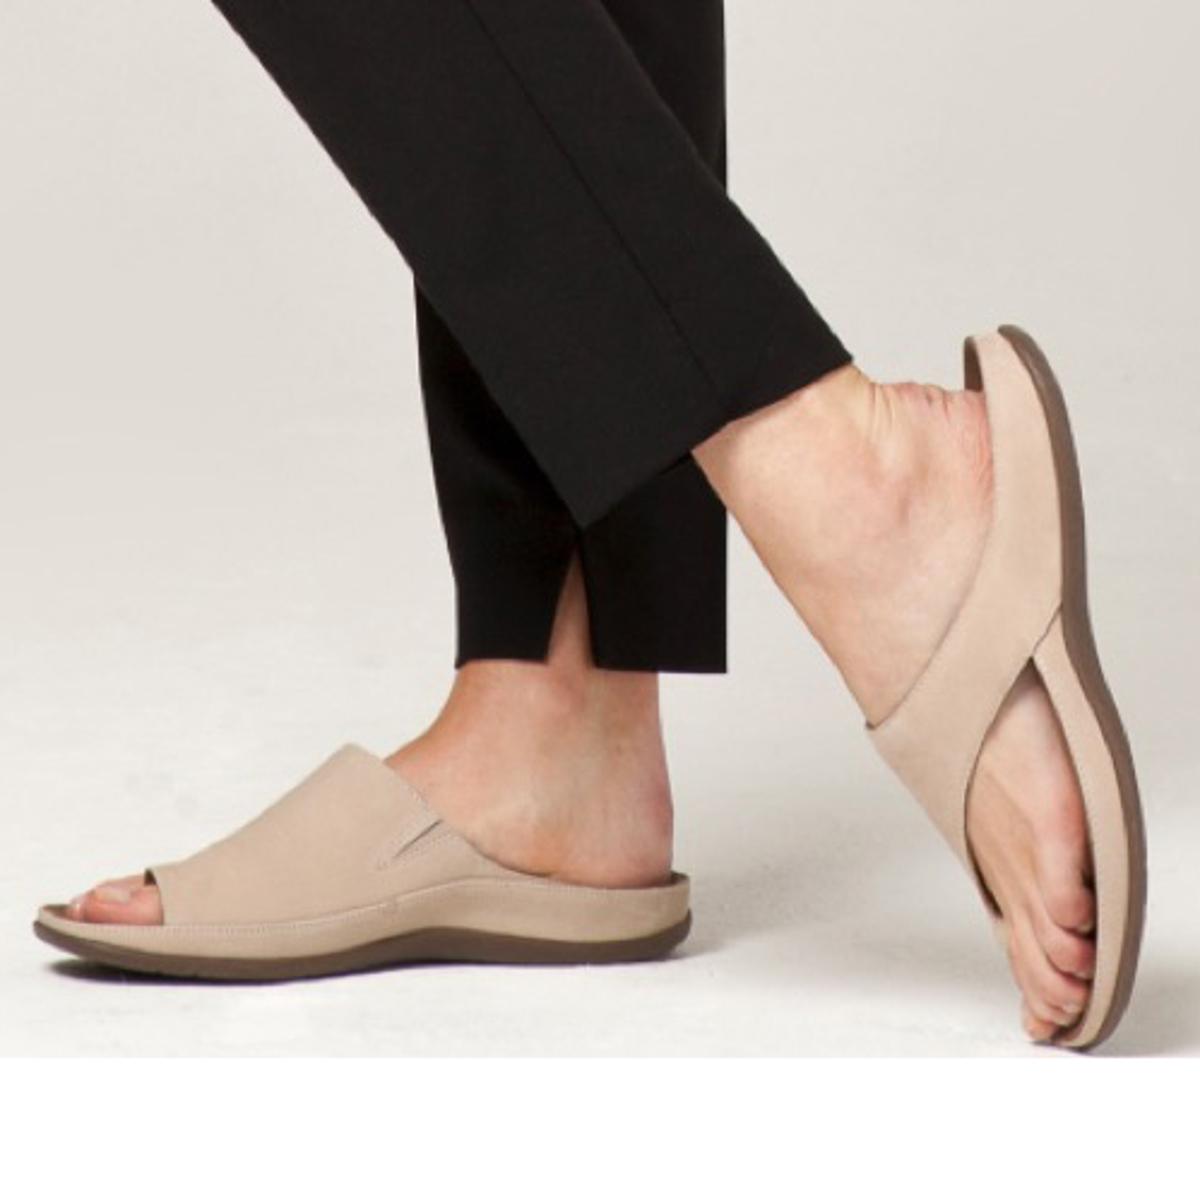 スニーカー感覚で歩き回れる「サンダル」|CAPRIマイクロファイバーインソール (25-25.5cm) 独自開発の立体インソールで、スニーカーみたいに歩き回れる「サンダル」